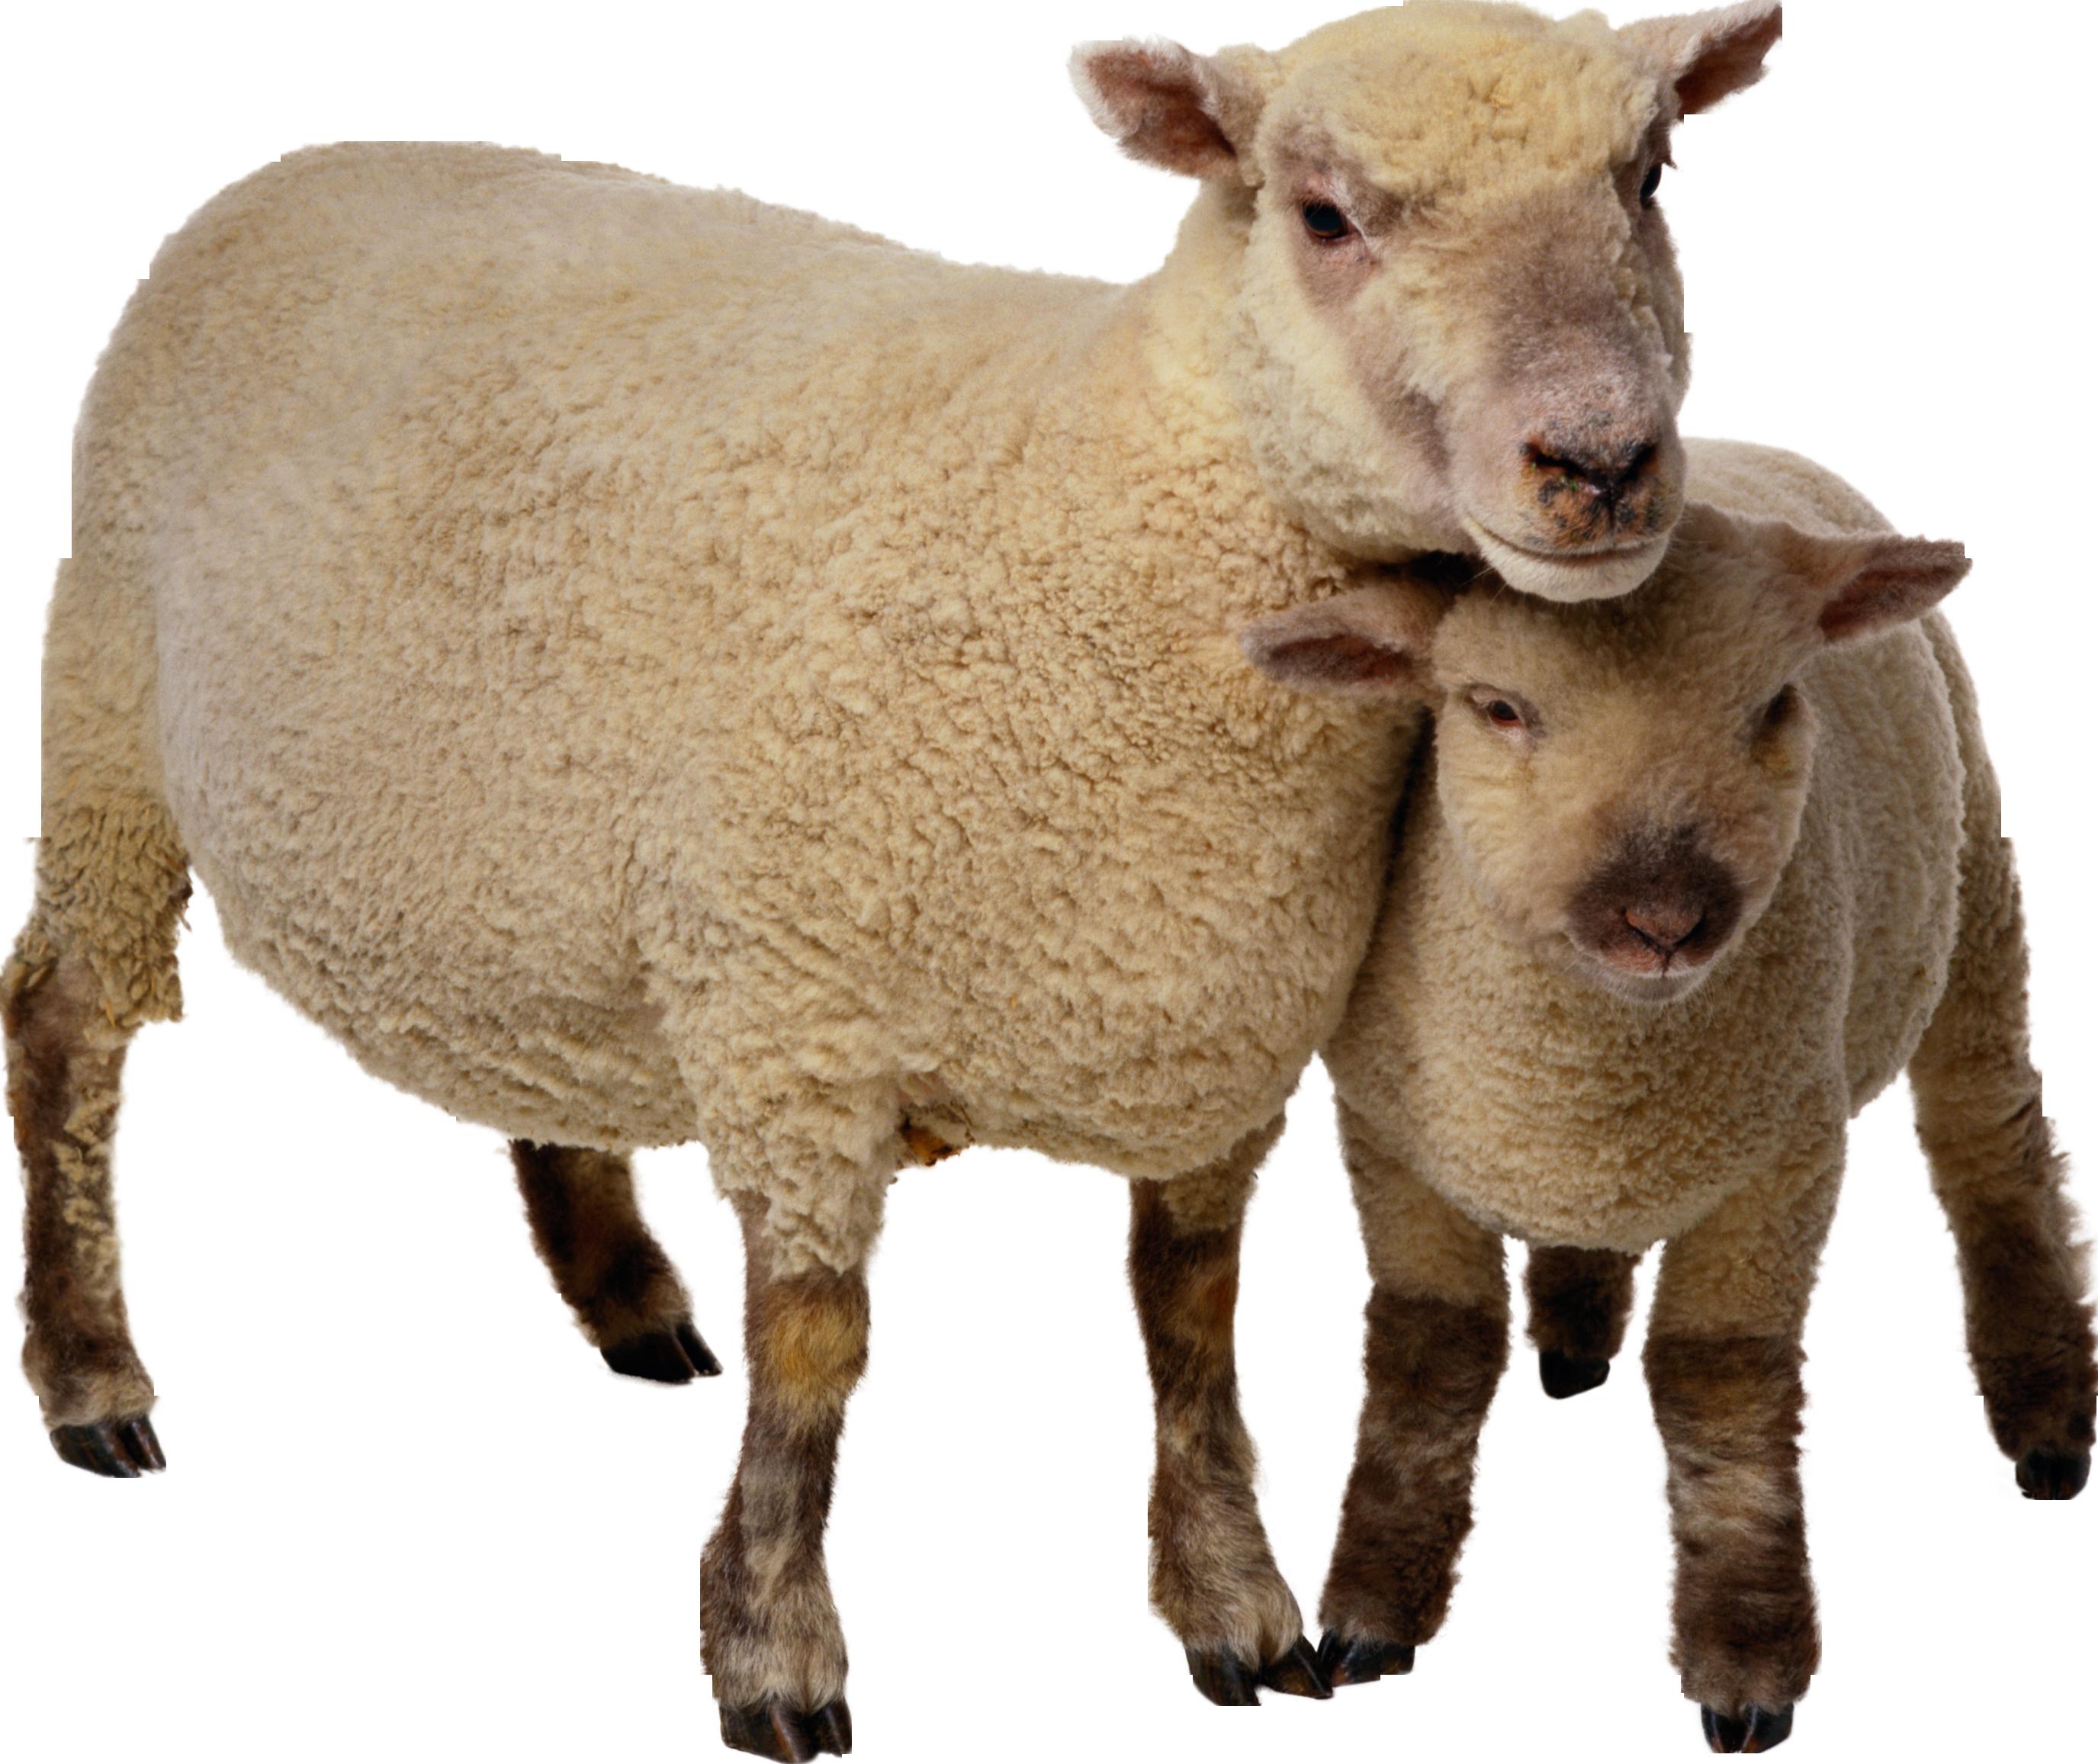 Sheep PNG - 6540